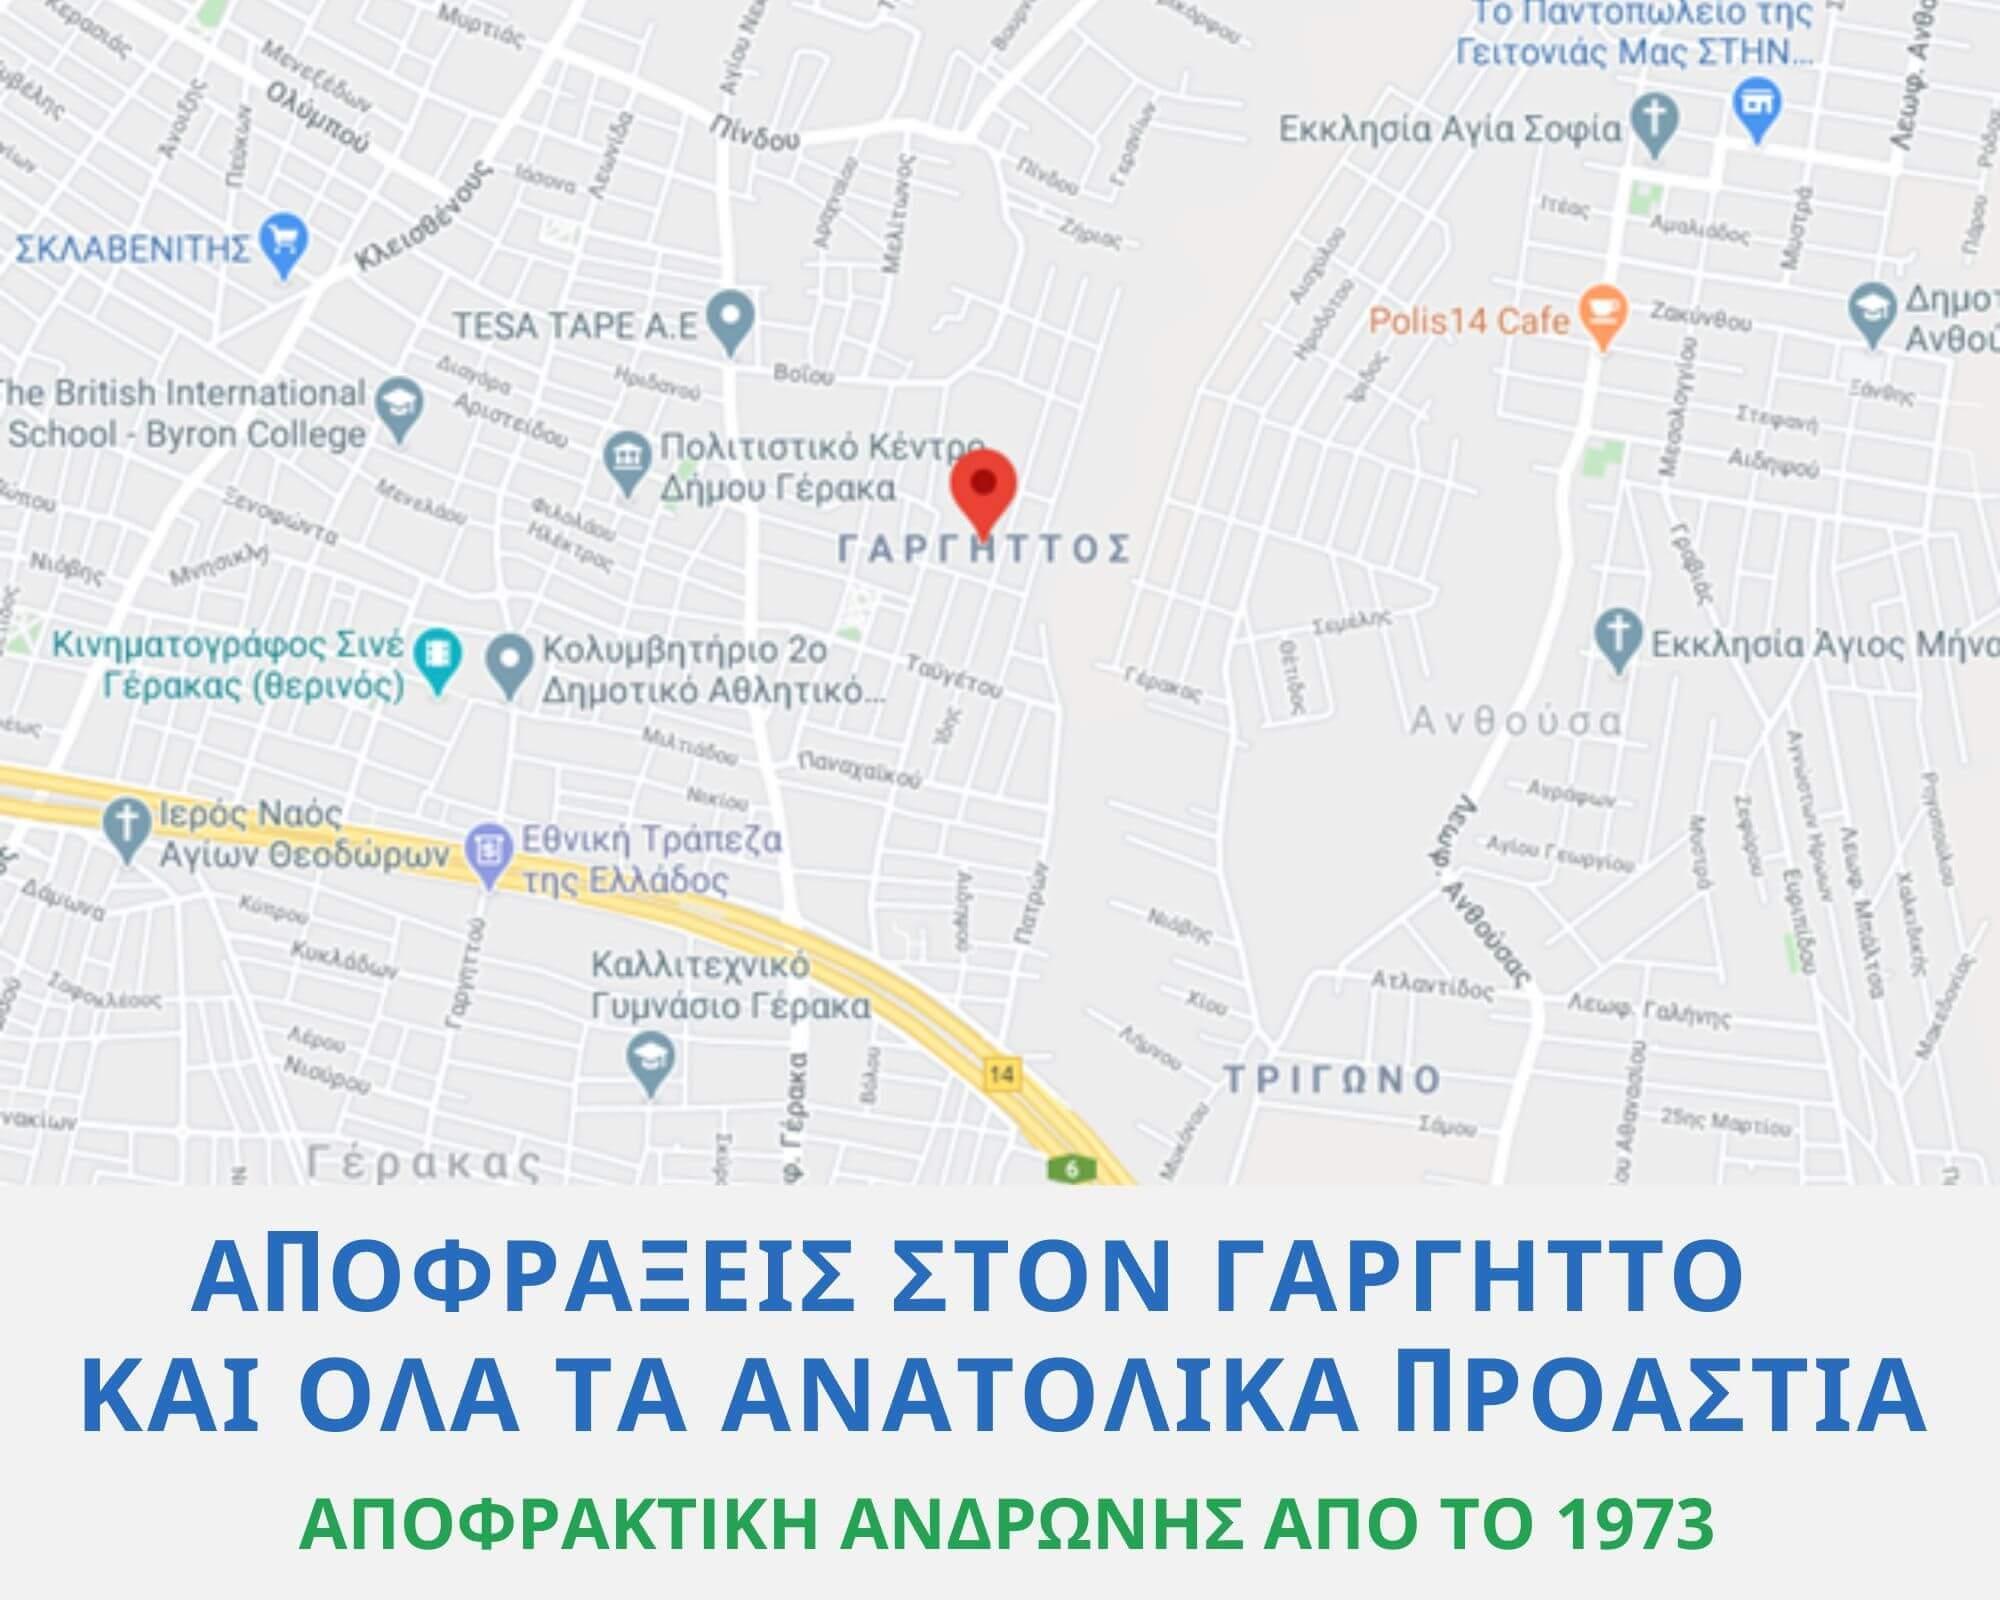 Αποφράξεις Γαργηττός - 213.02.50.818 - Αποφράξεις Αθήνα